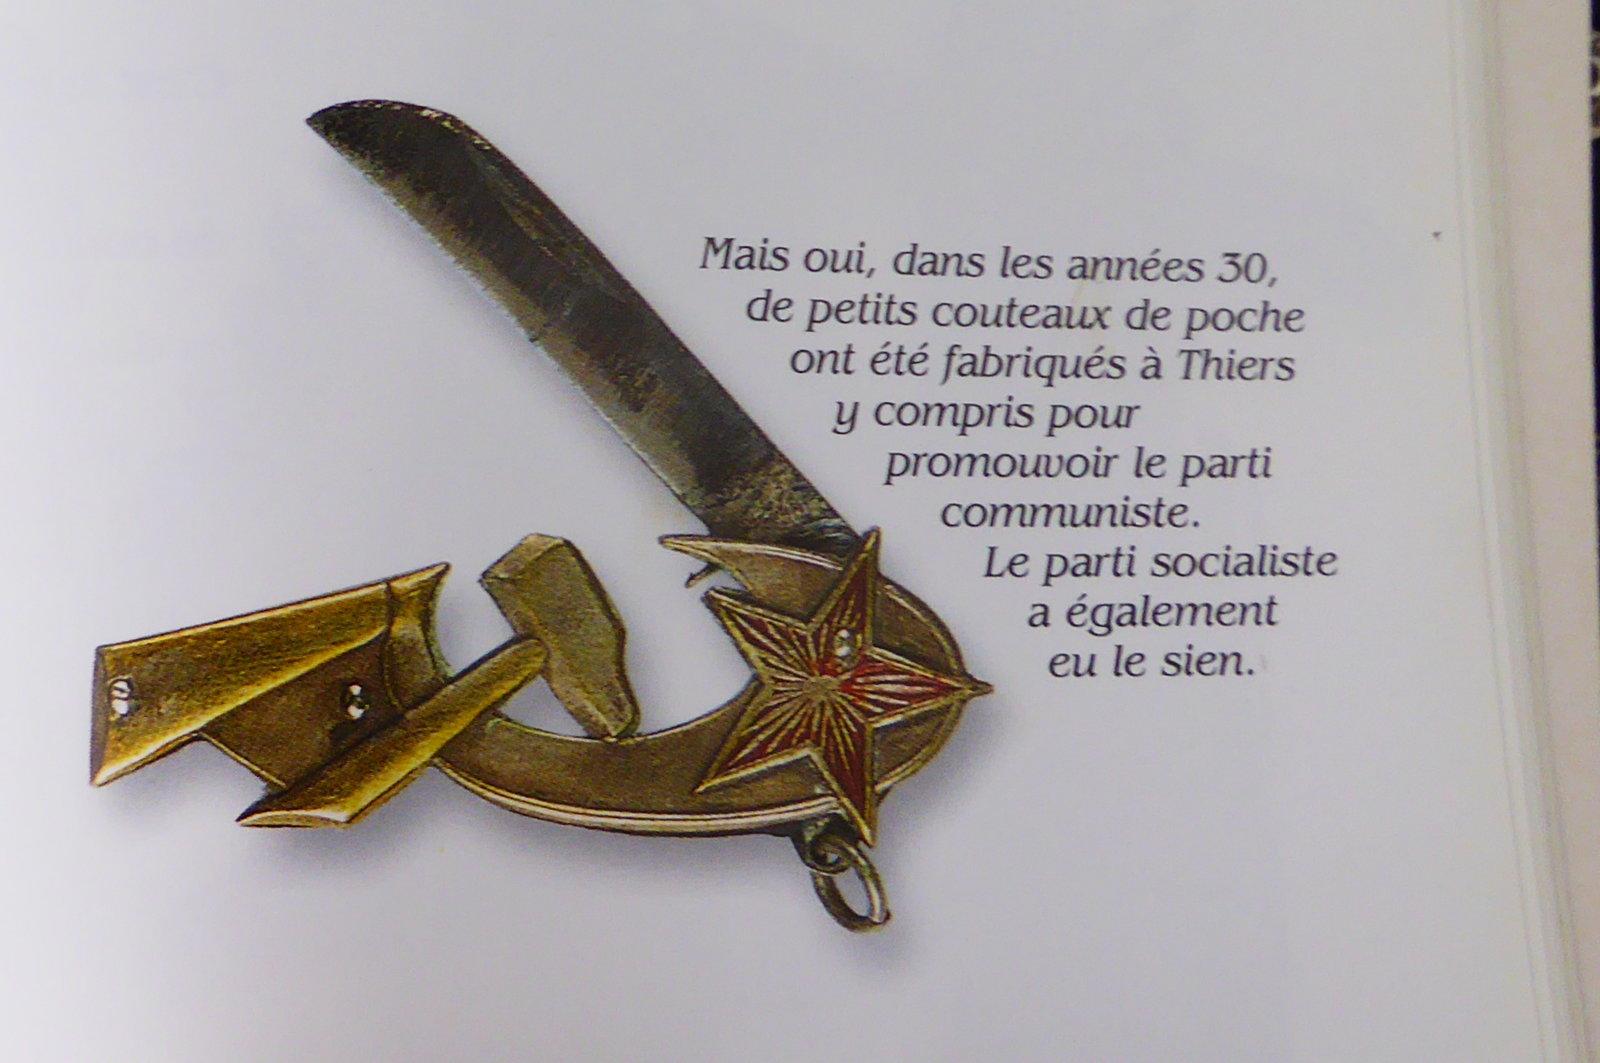 Couteaux de Poche_Dominique Pascal.JPG